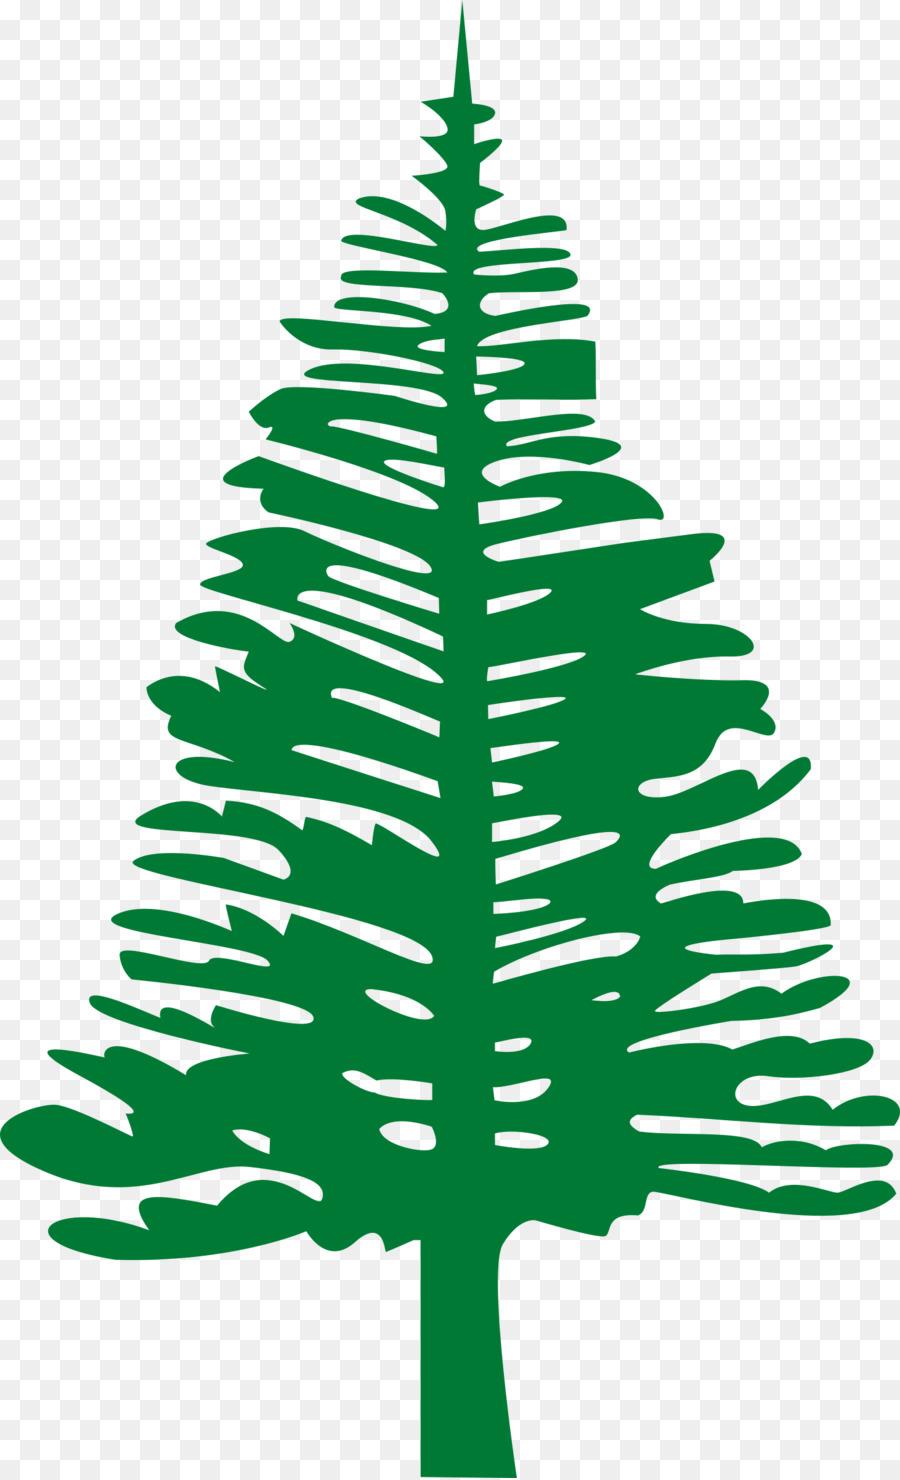 Flag of Norfolk Island Lord Howe Island Evans Head - pine leaves png ...